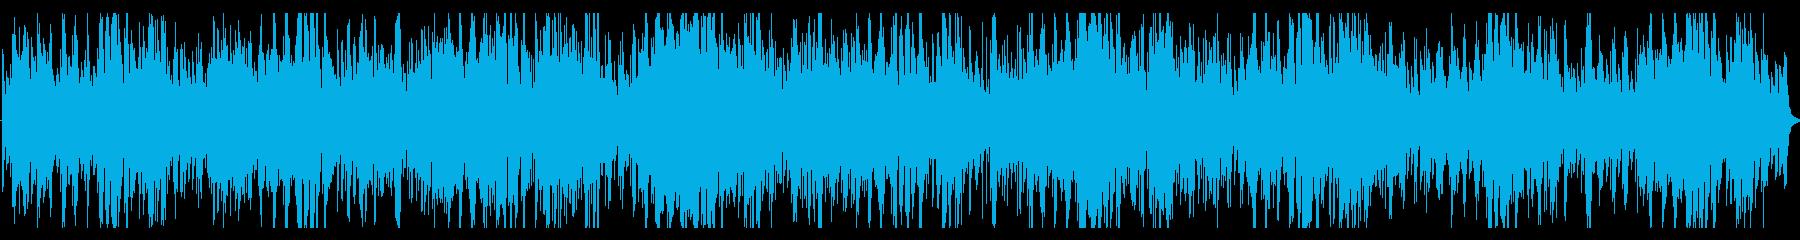 アンビエントでディストピア的なピアノ曲の再生済みの波形